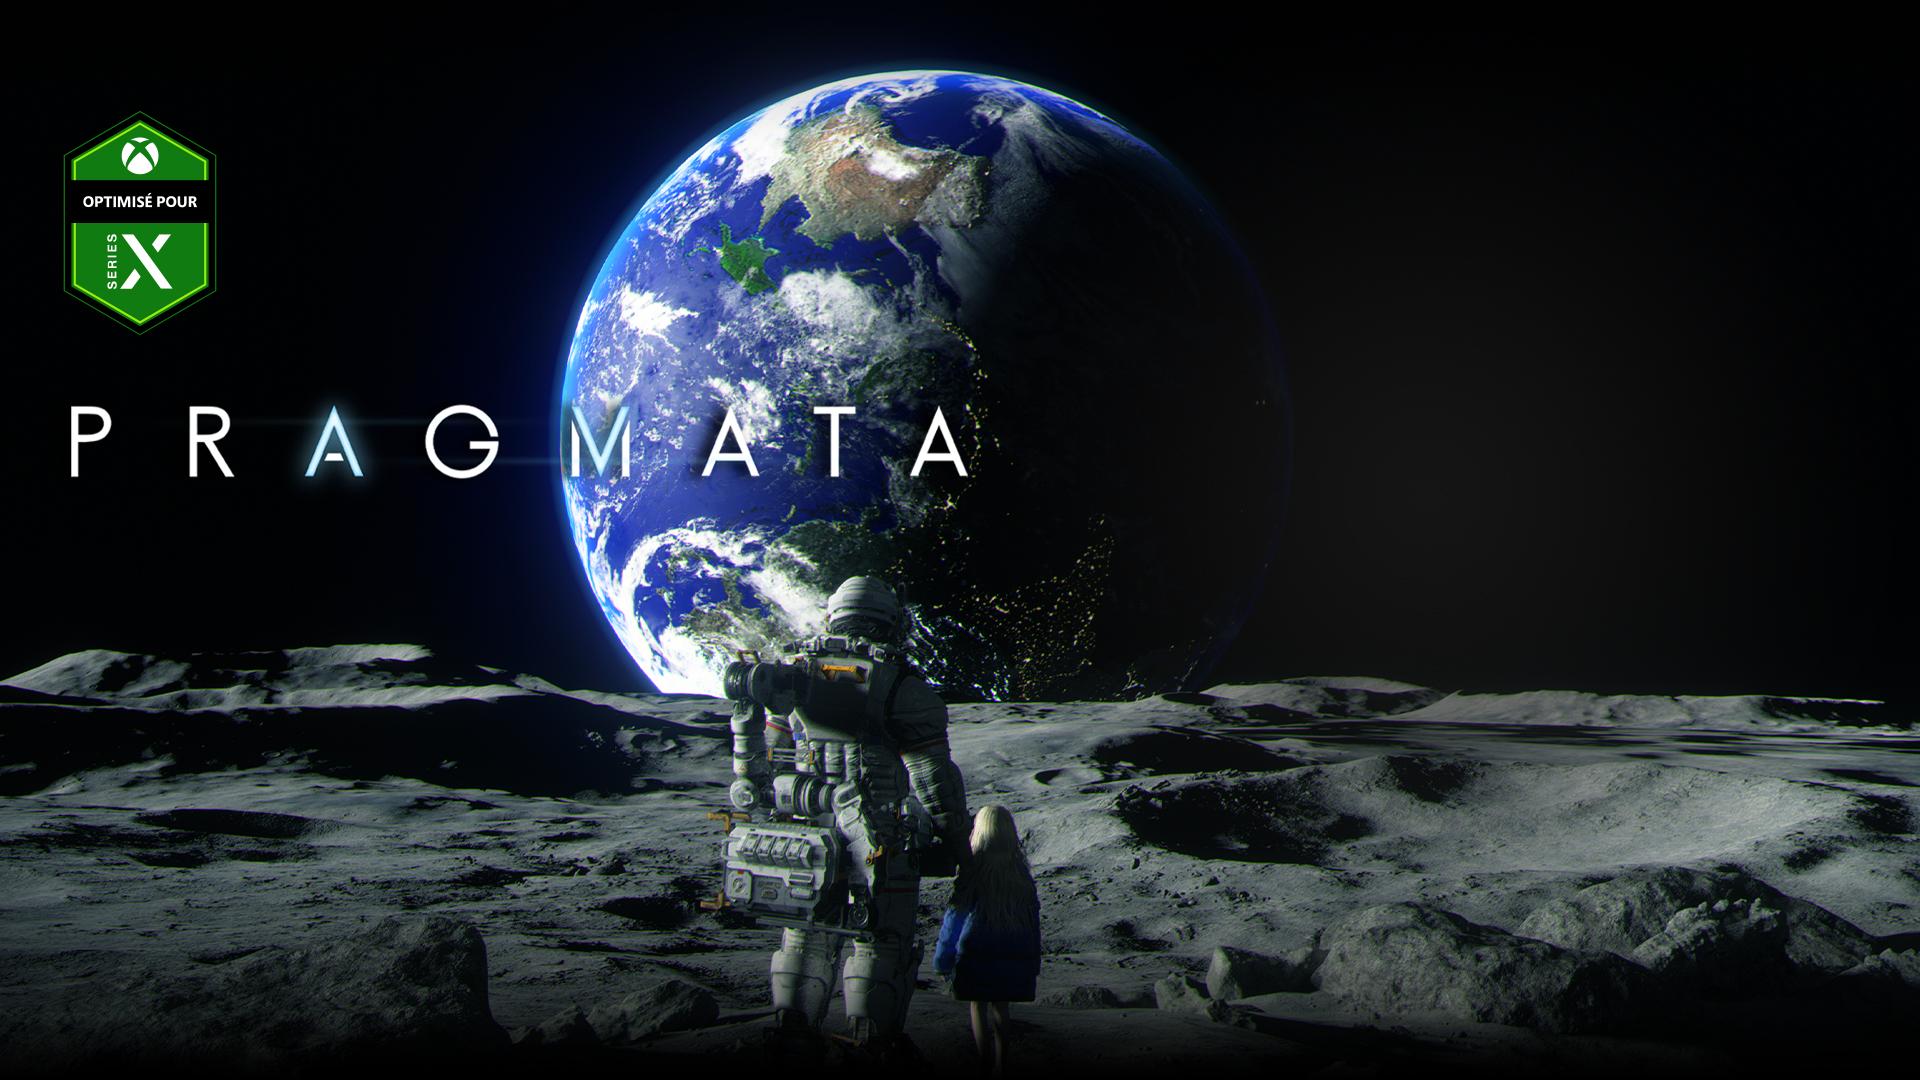 Logo Optimisé pour Xbox Series X, Pragmata, un astronaute et une jeune fille regardent la Terre en se tenant ensemble sur la lune